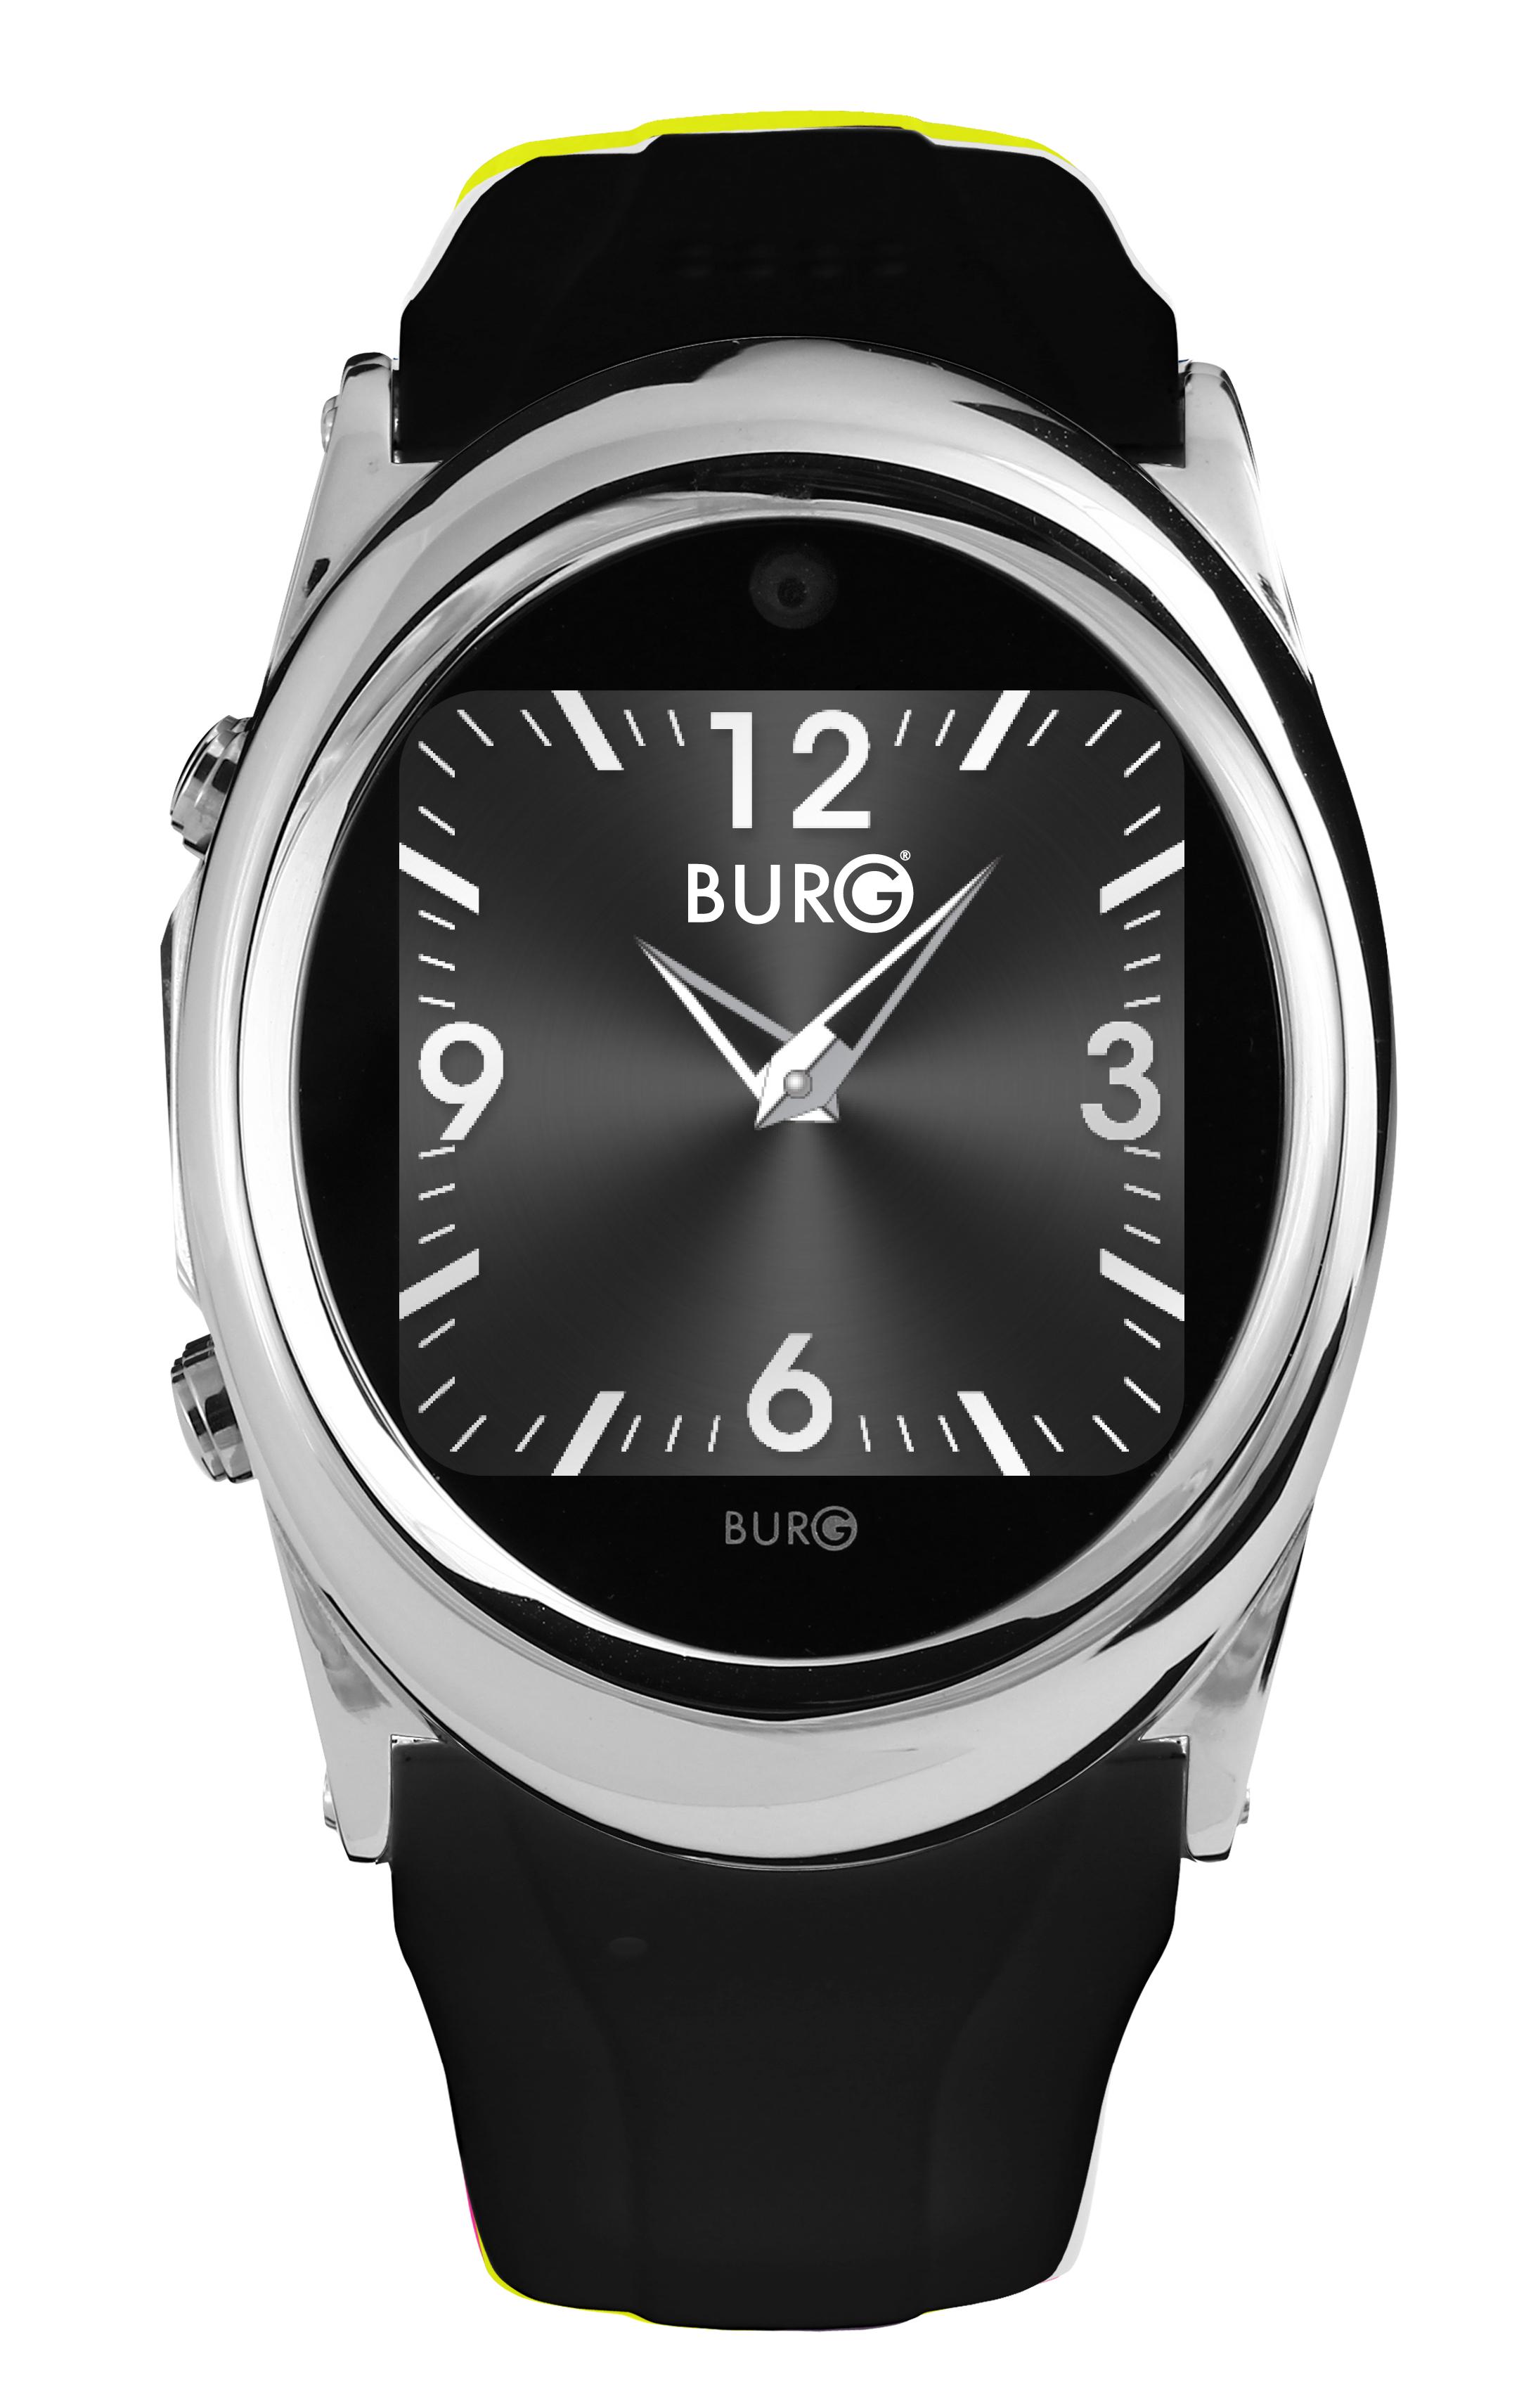 BURG 12 Smartwatch - black